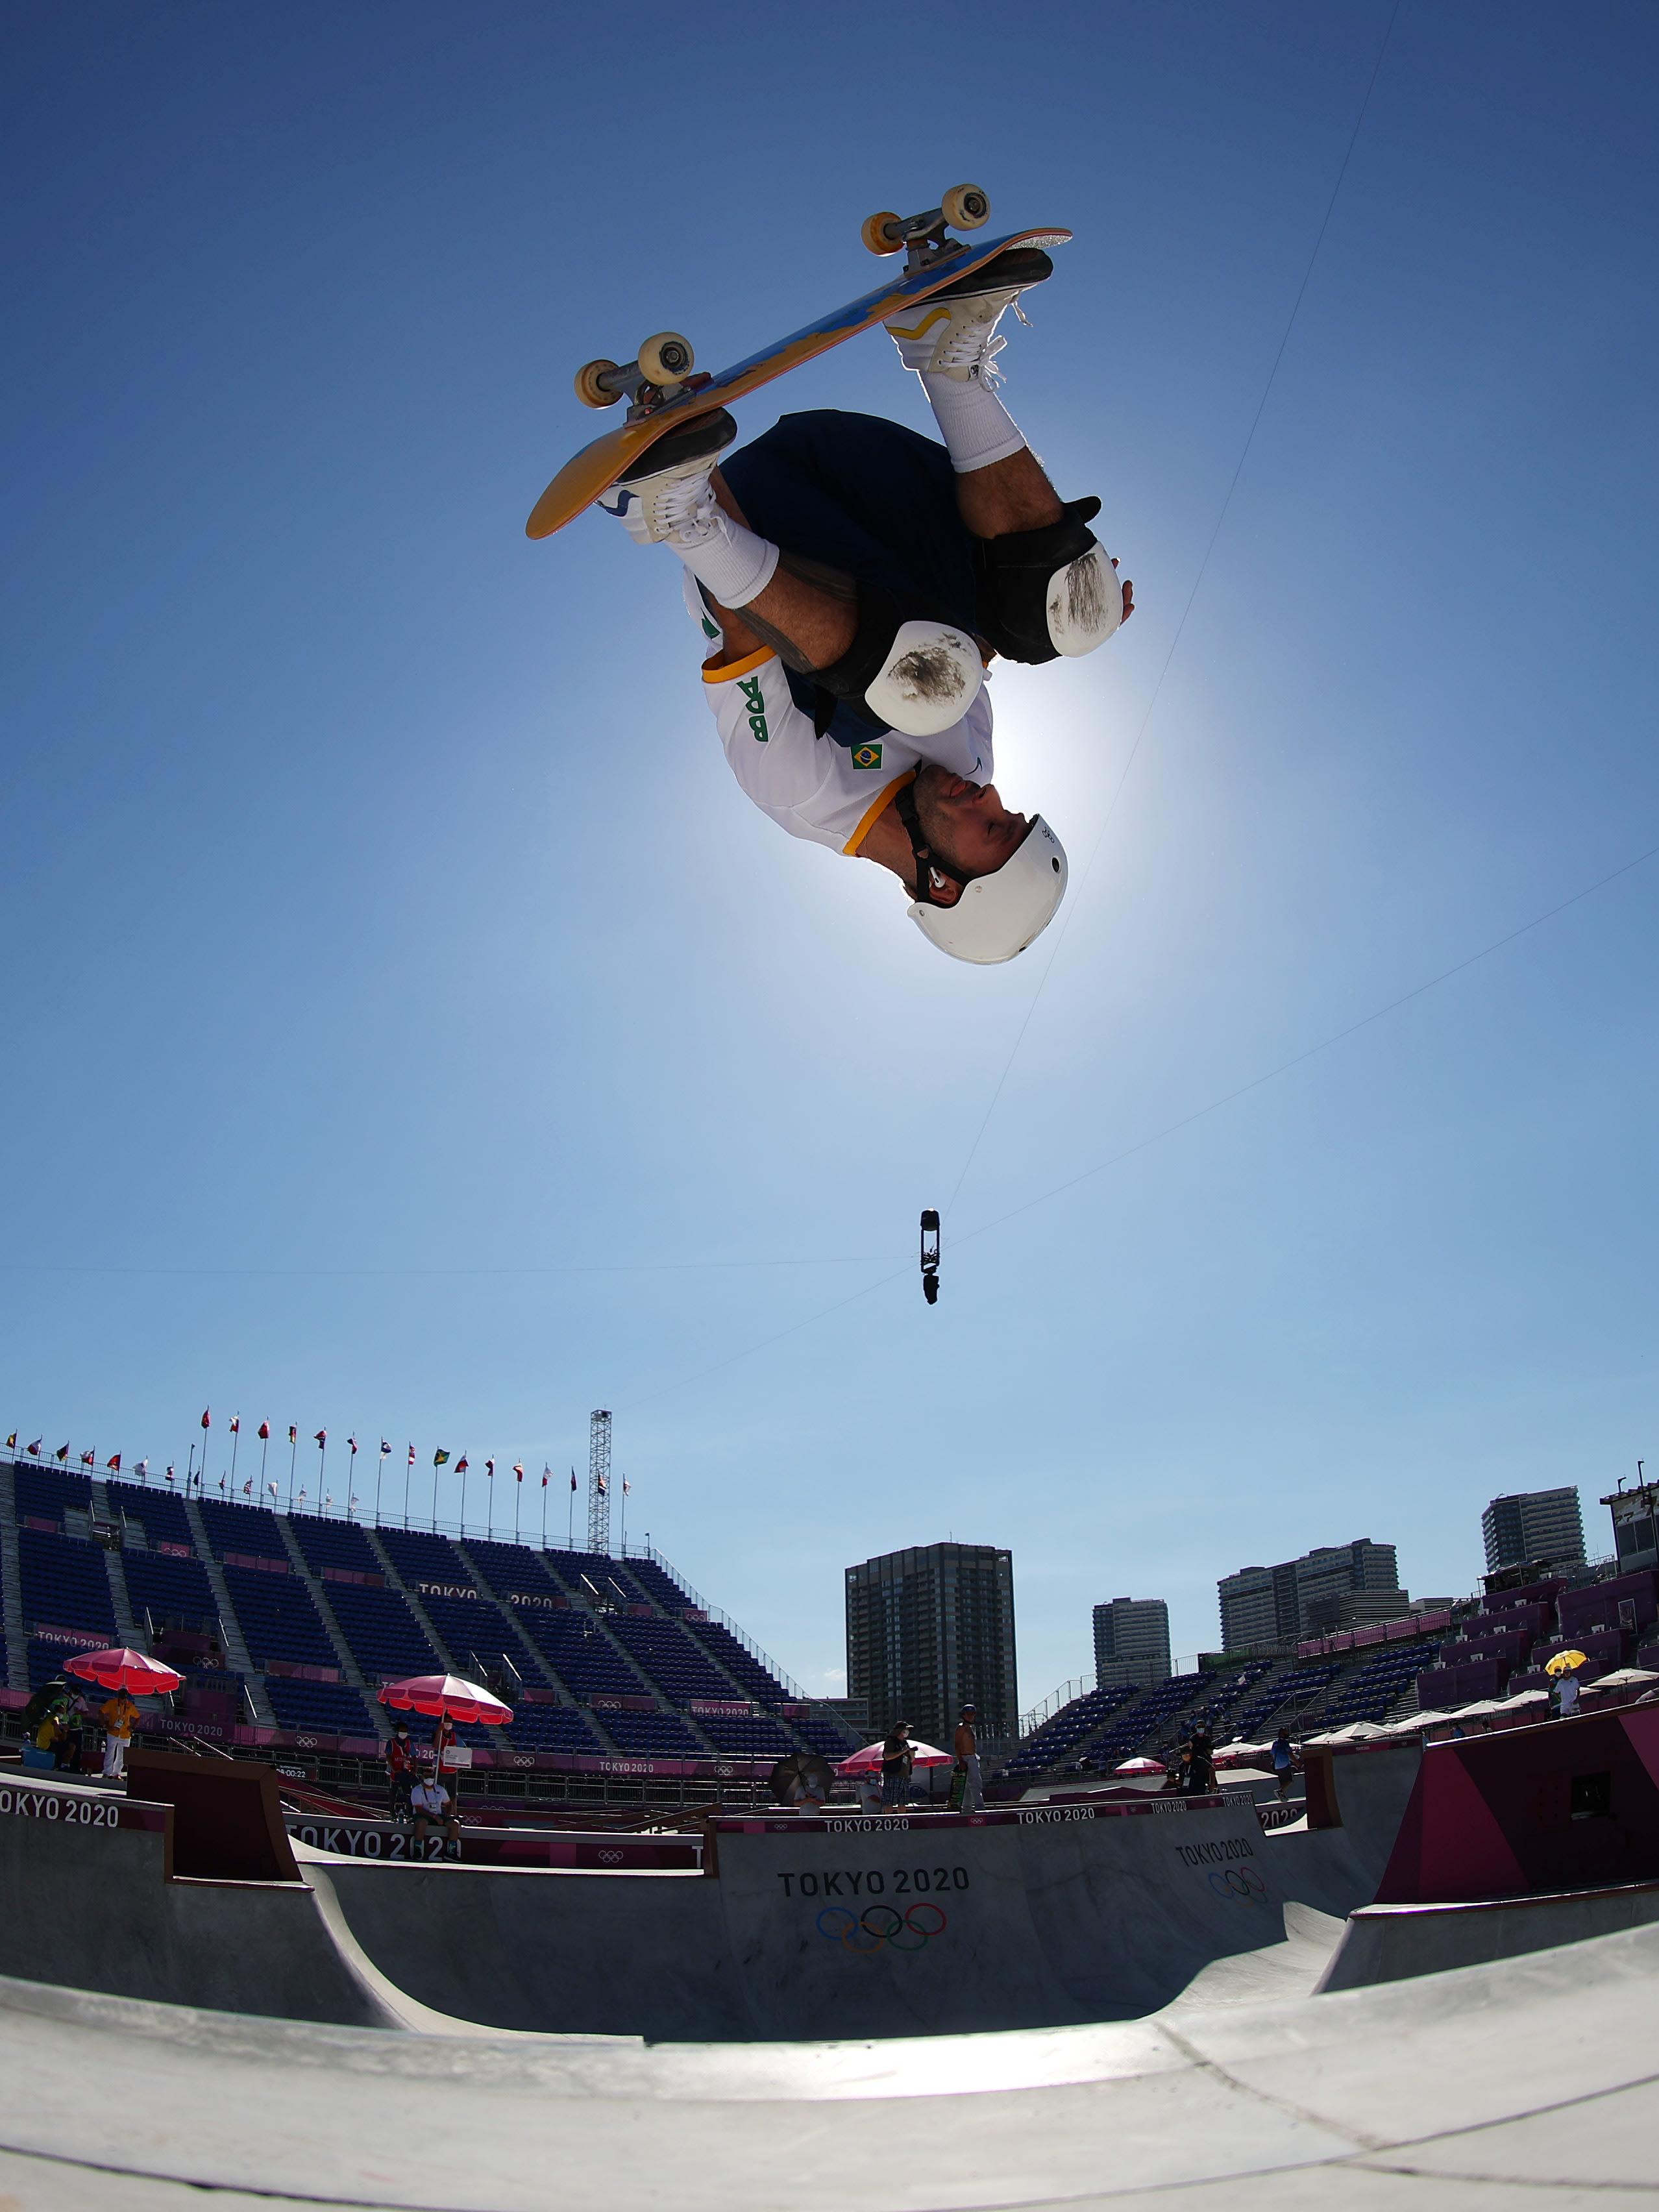 Pedro Barros, de ponta cabeça, fazendo uma manobra com o skate.